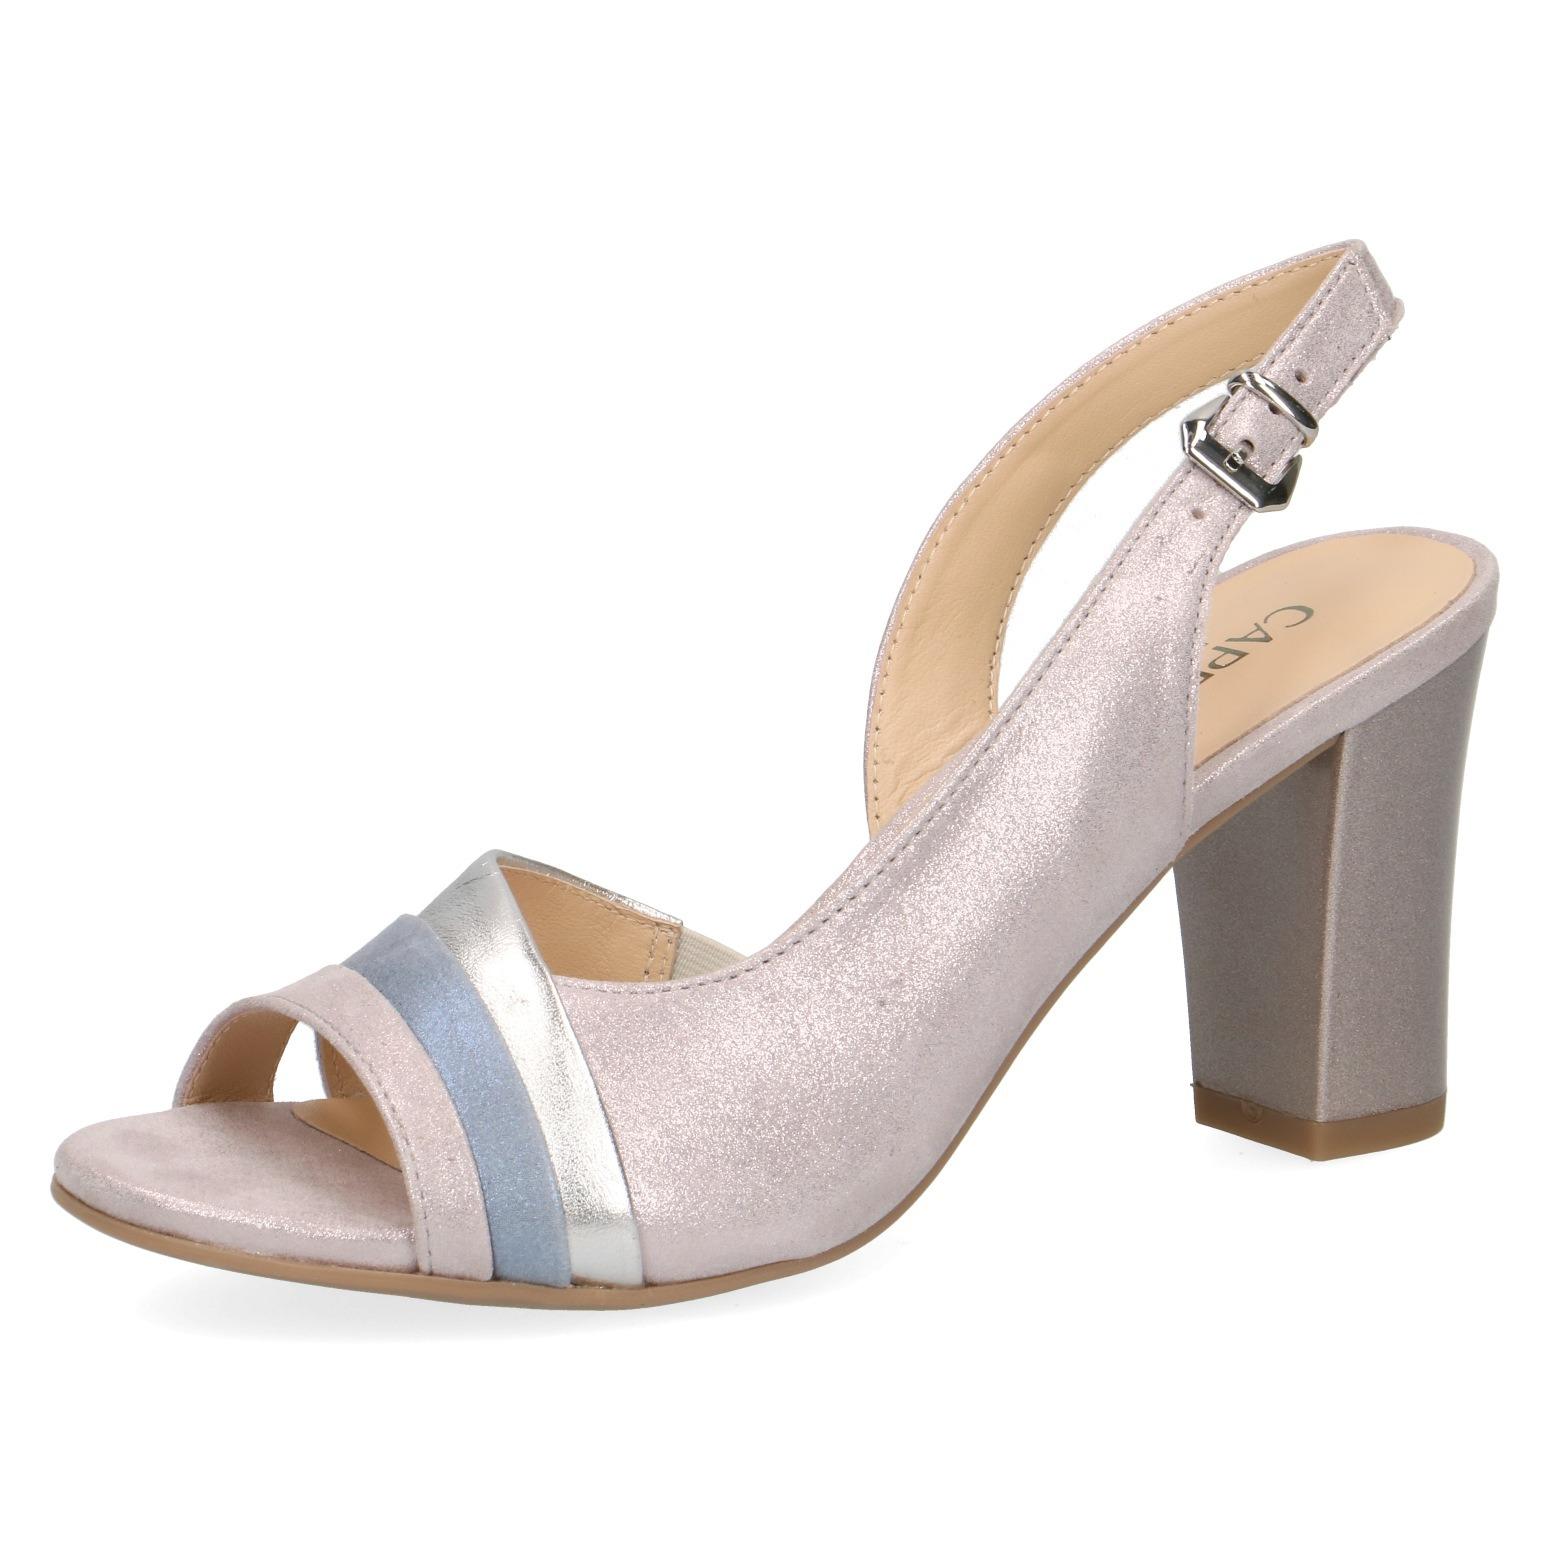 176a5eaf03176 Dámske otvorené sandále na vysokom podpätku značky Caprice farba ružová